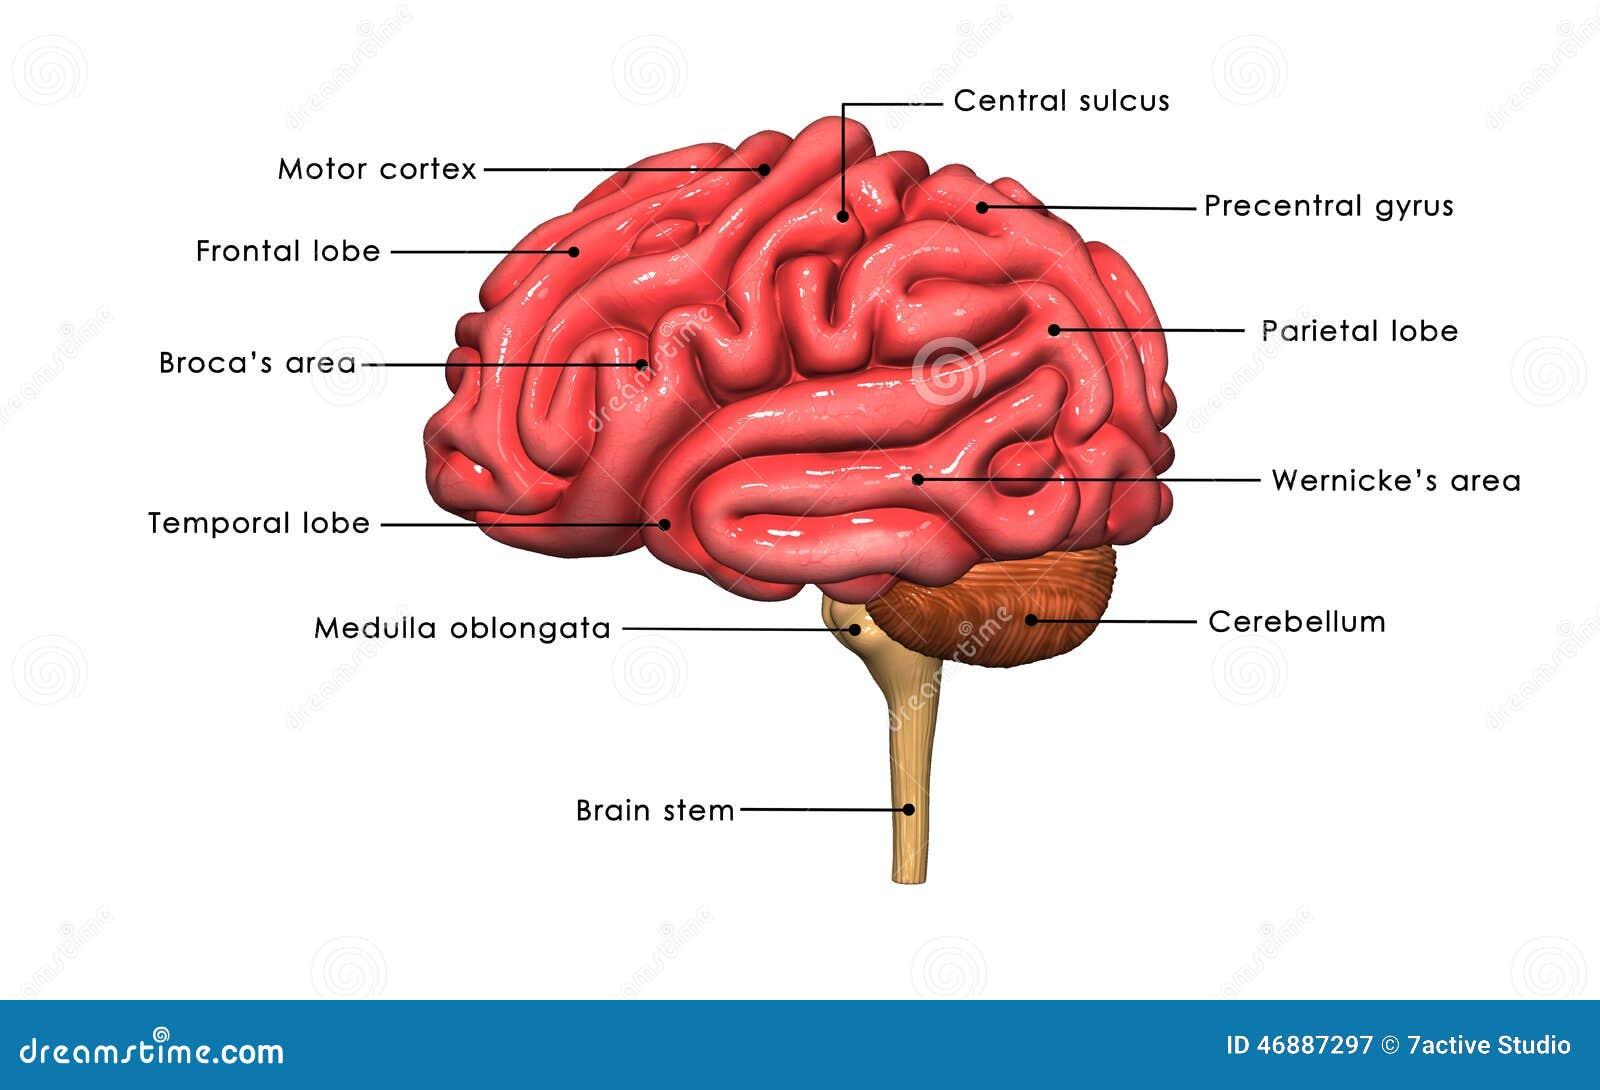 Ziemlich Beschriften Menschliches Gehirn Bilder - Menschliche ...